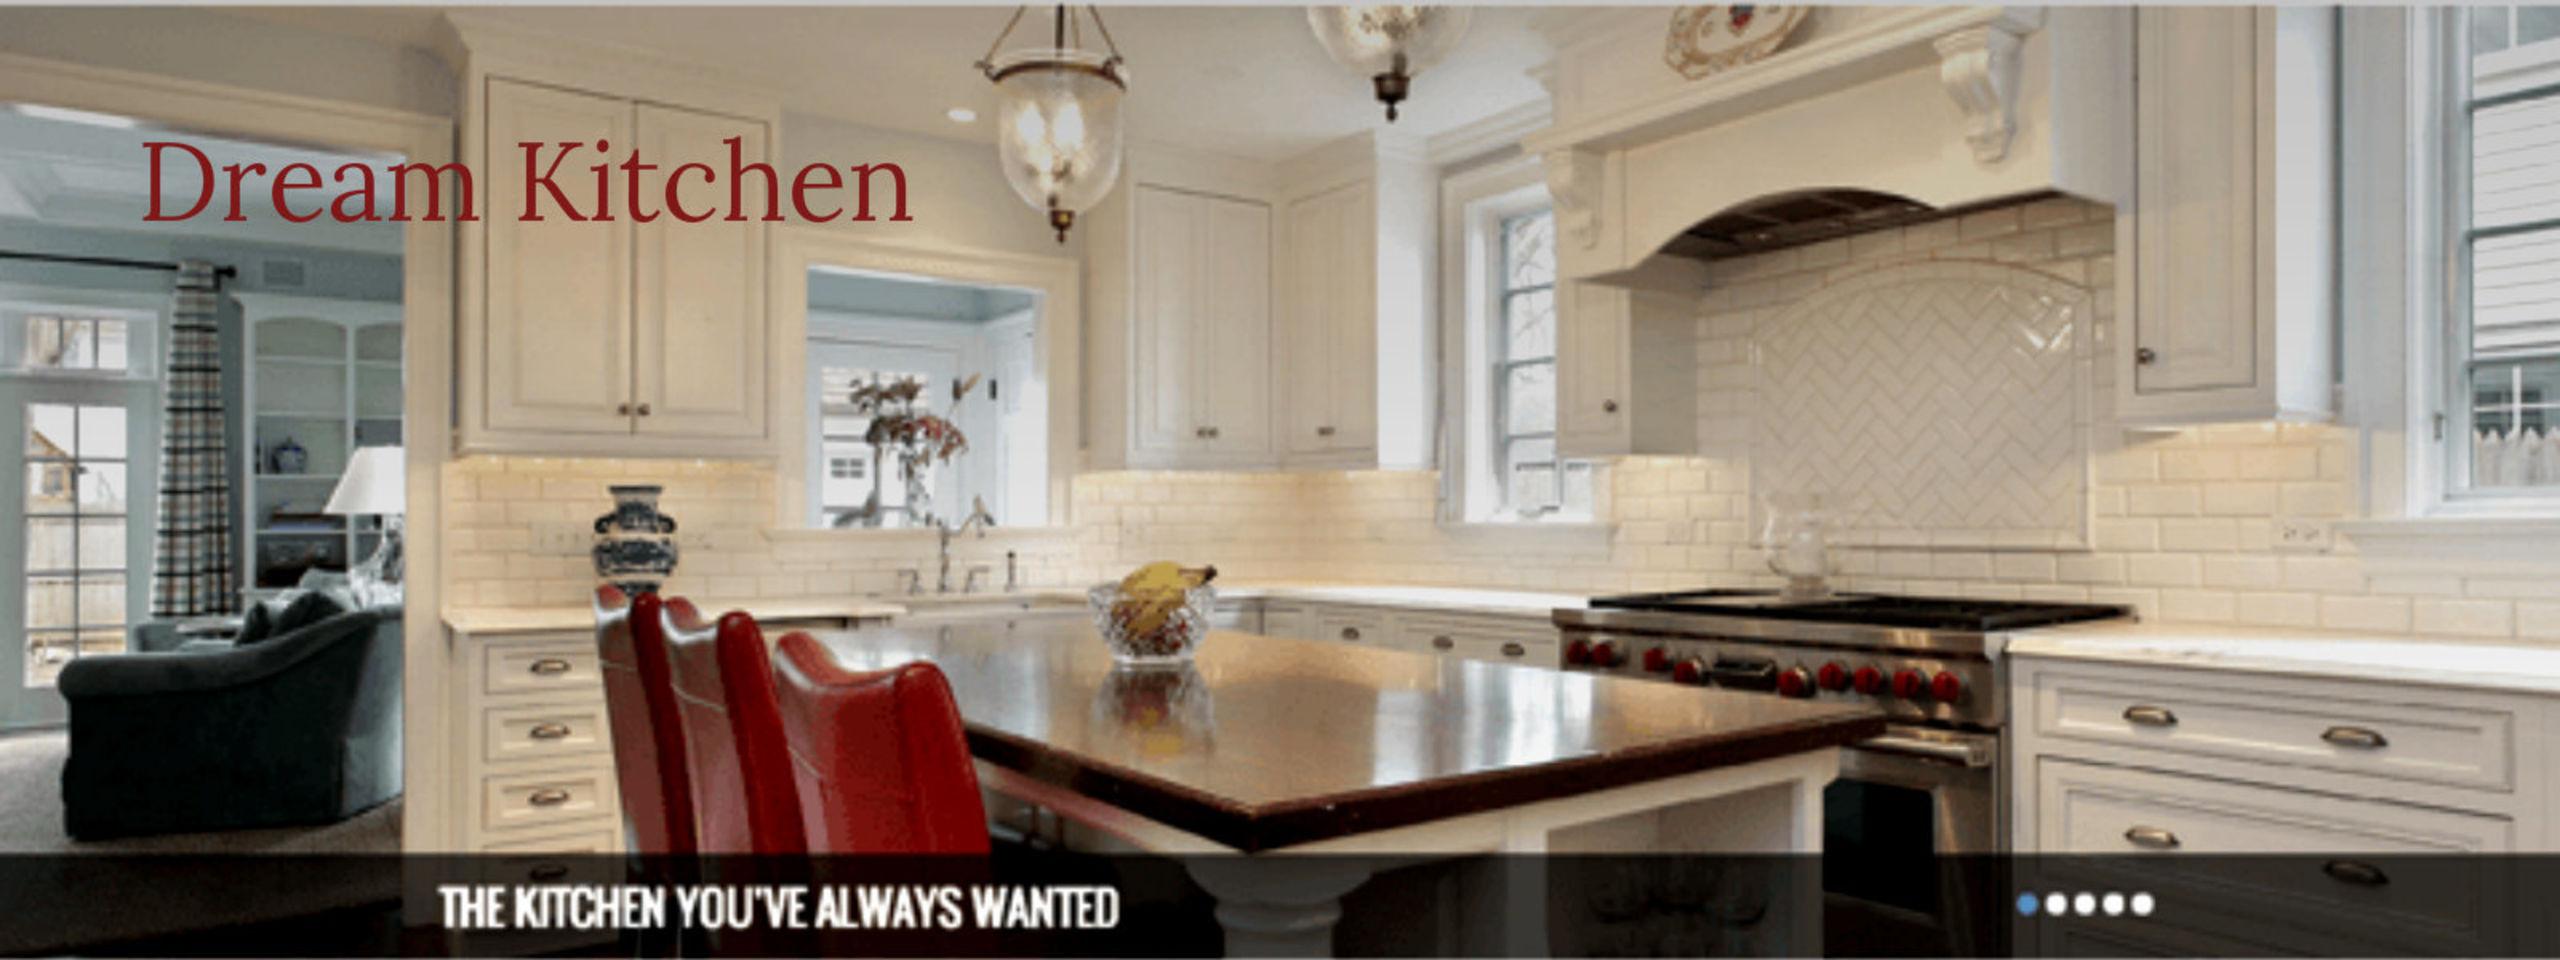 Find your New Dream Kitchen